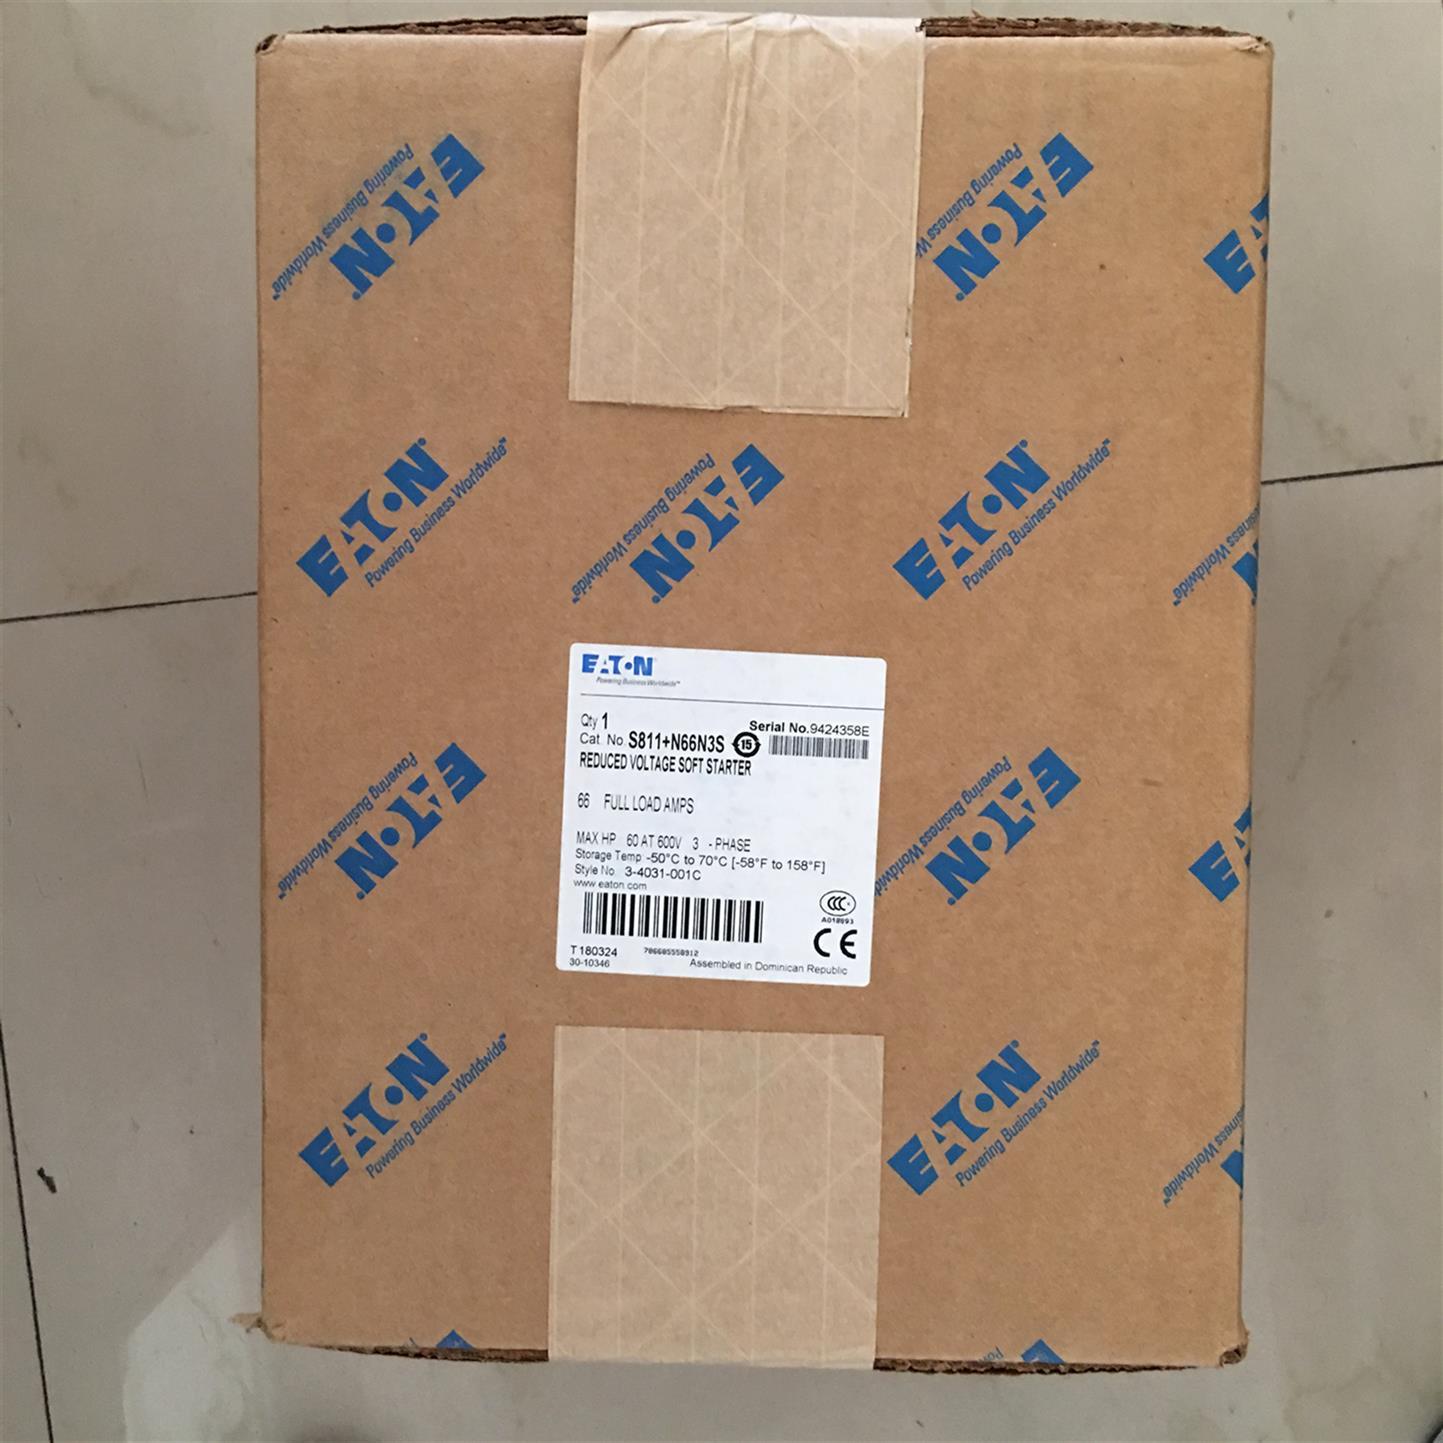 广州EML23EATON伊顿穆勒S801系列软启动器生产